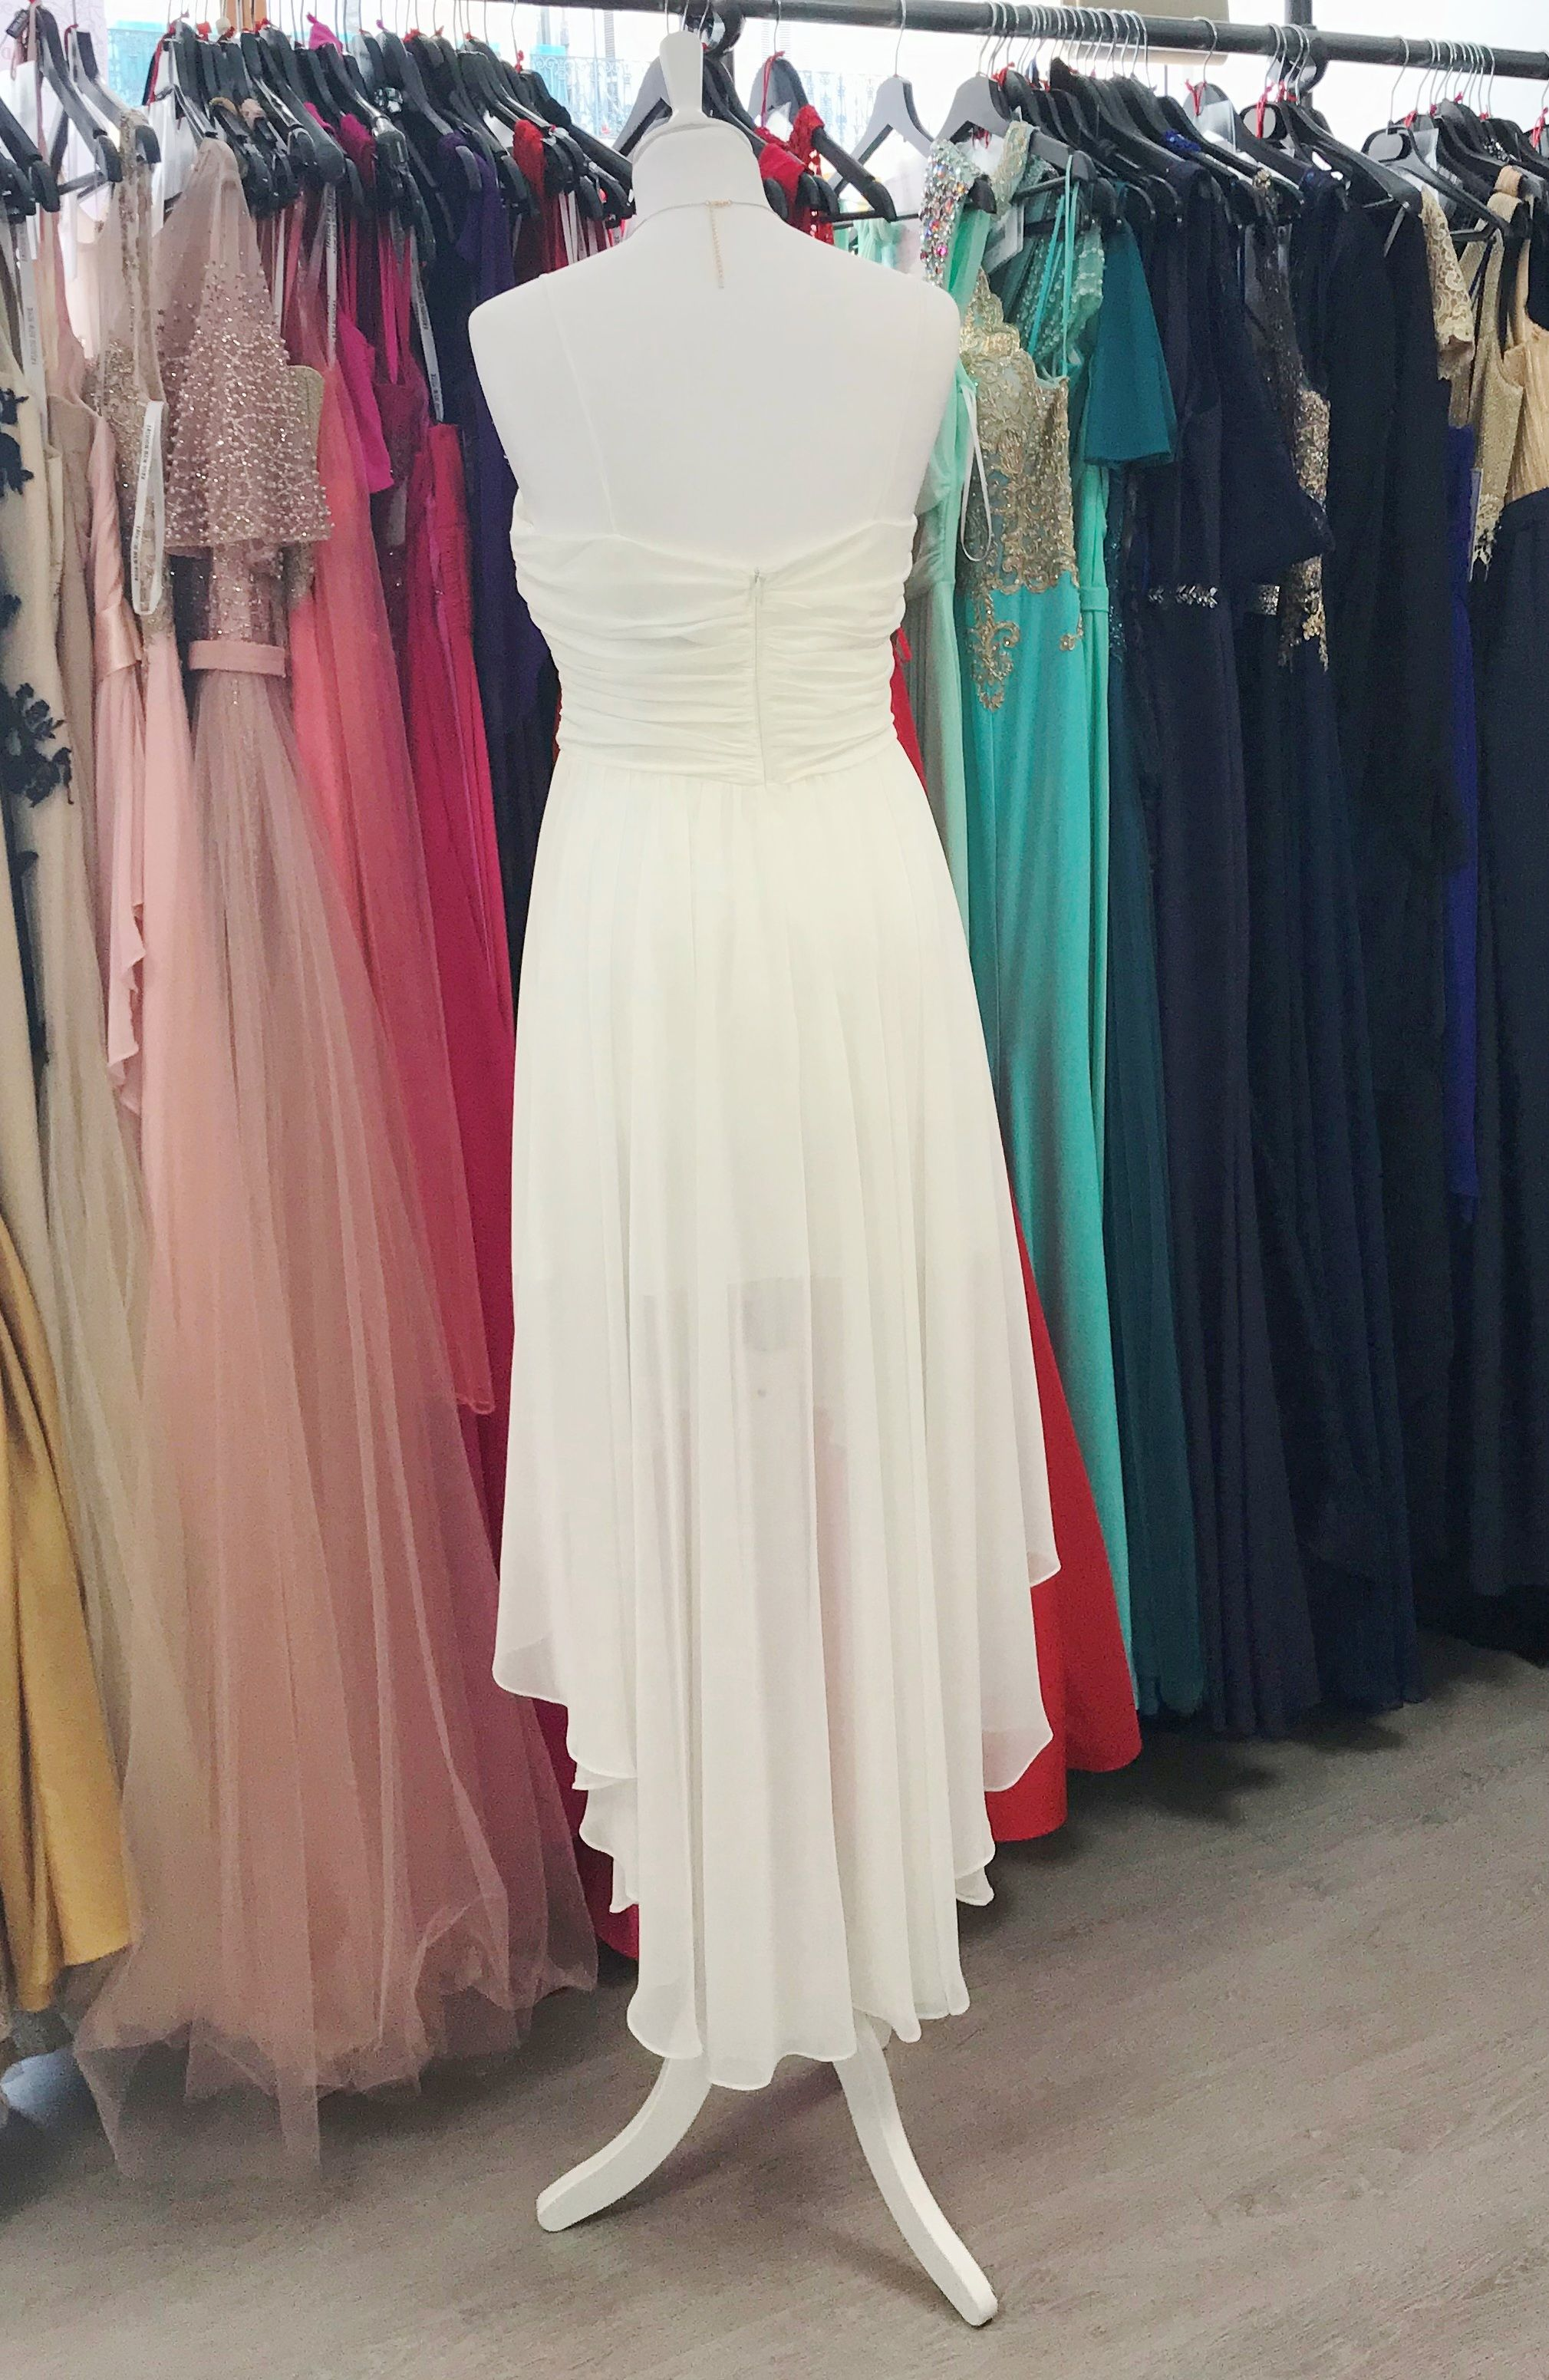 Robe de mariée courte asymétrique courte devant longue derrière, coupe mulet, drapée, bustier ...